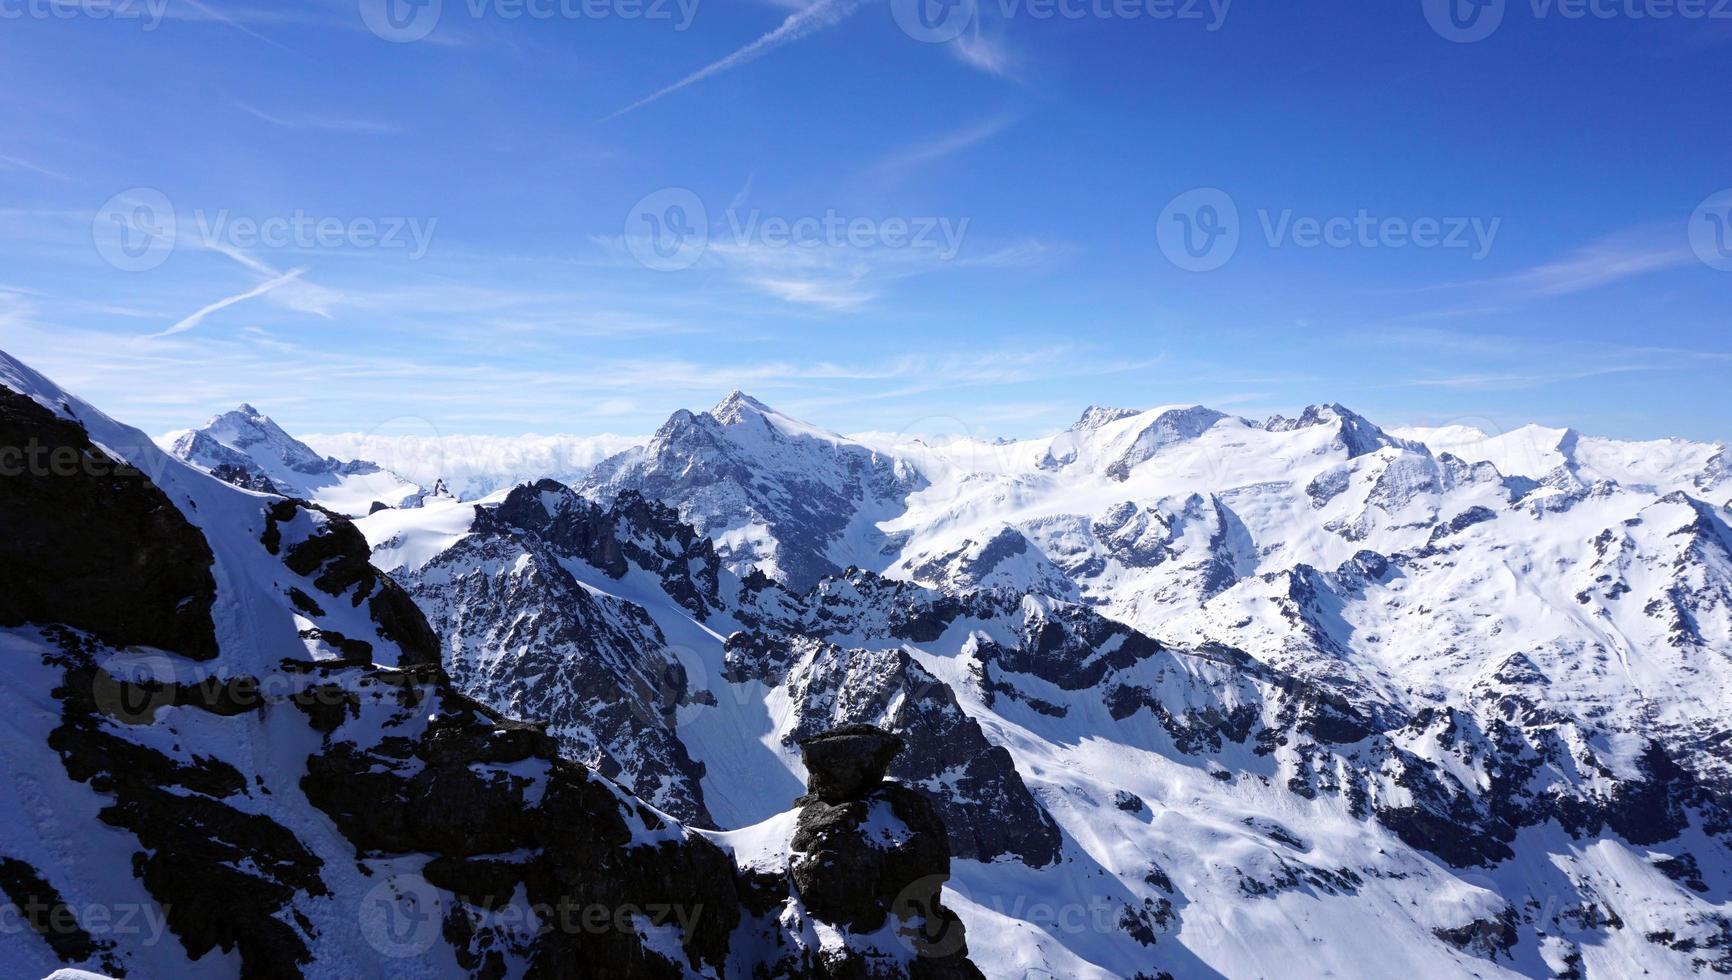 Titlis snow mountains photo